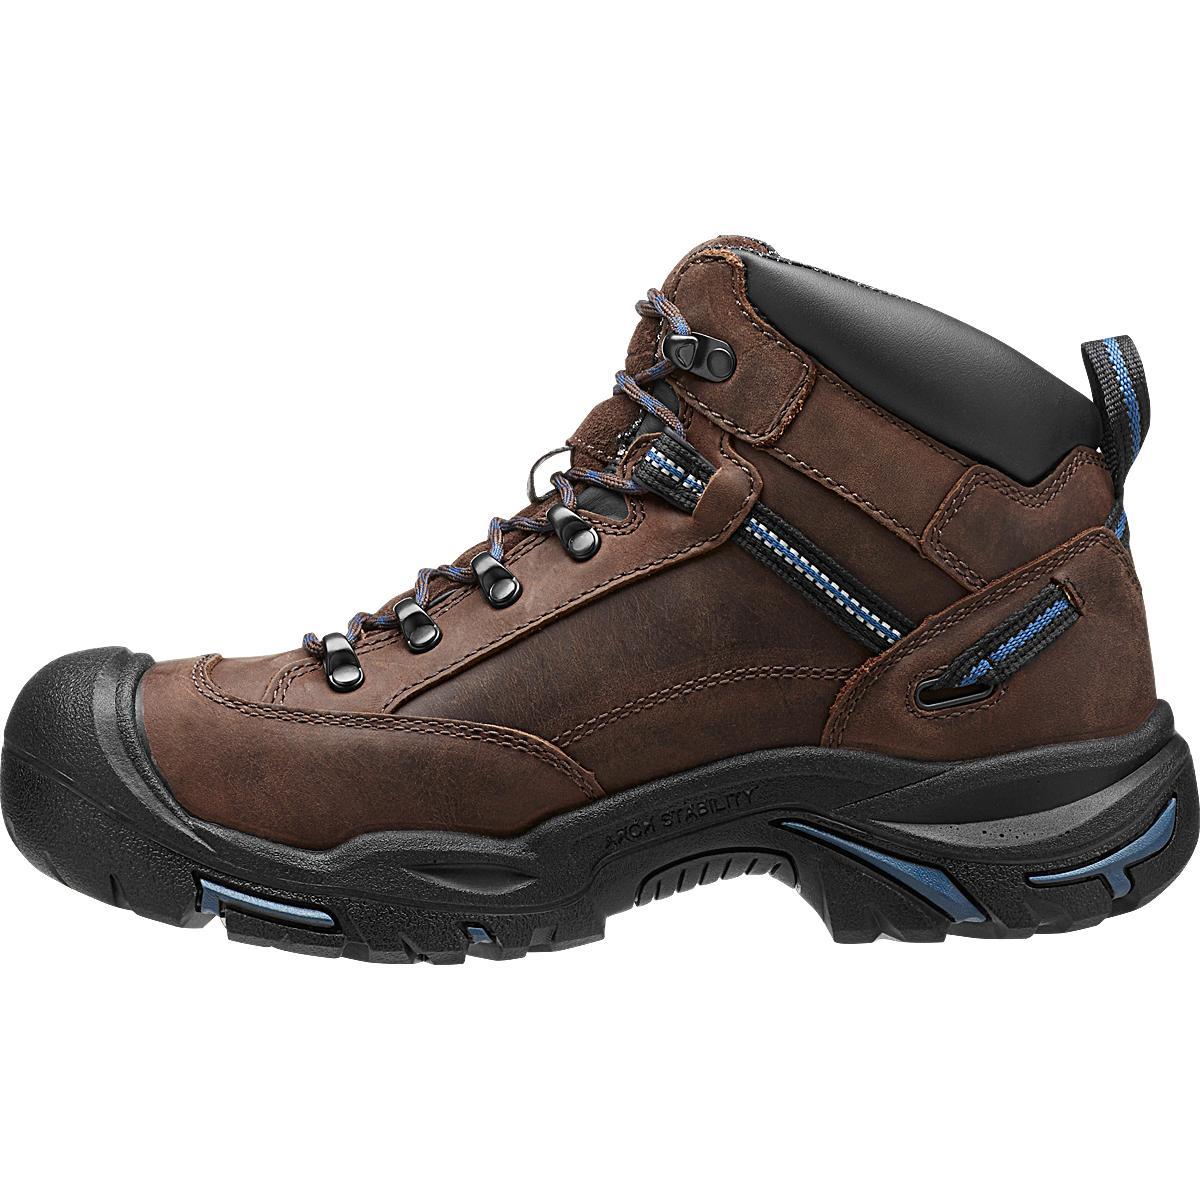 Large Size Hiking Shoes